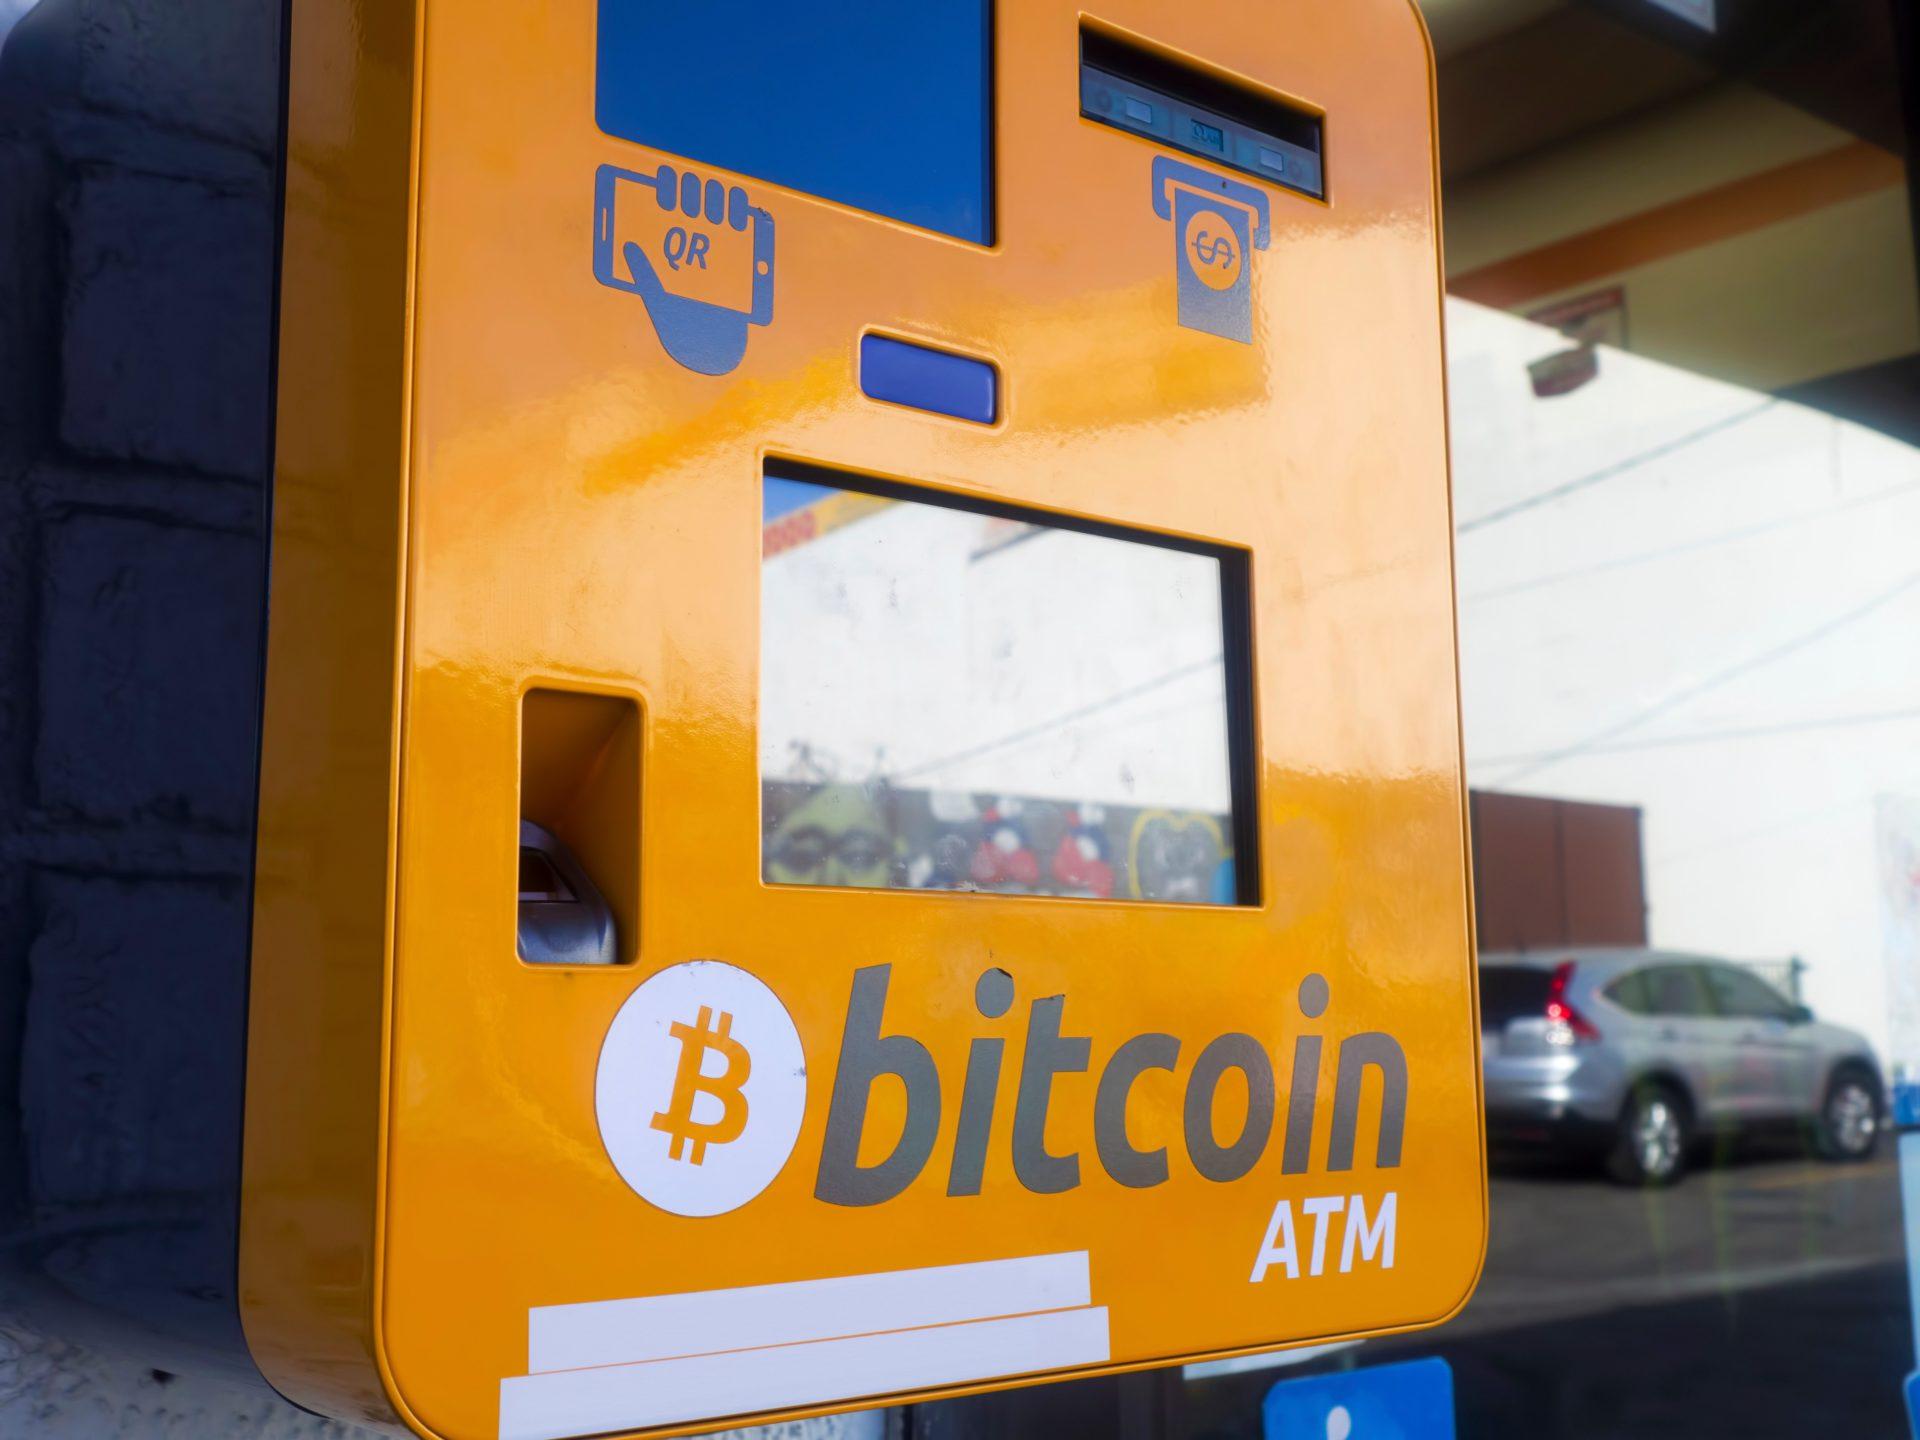 bitcoin atm utah